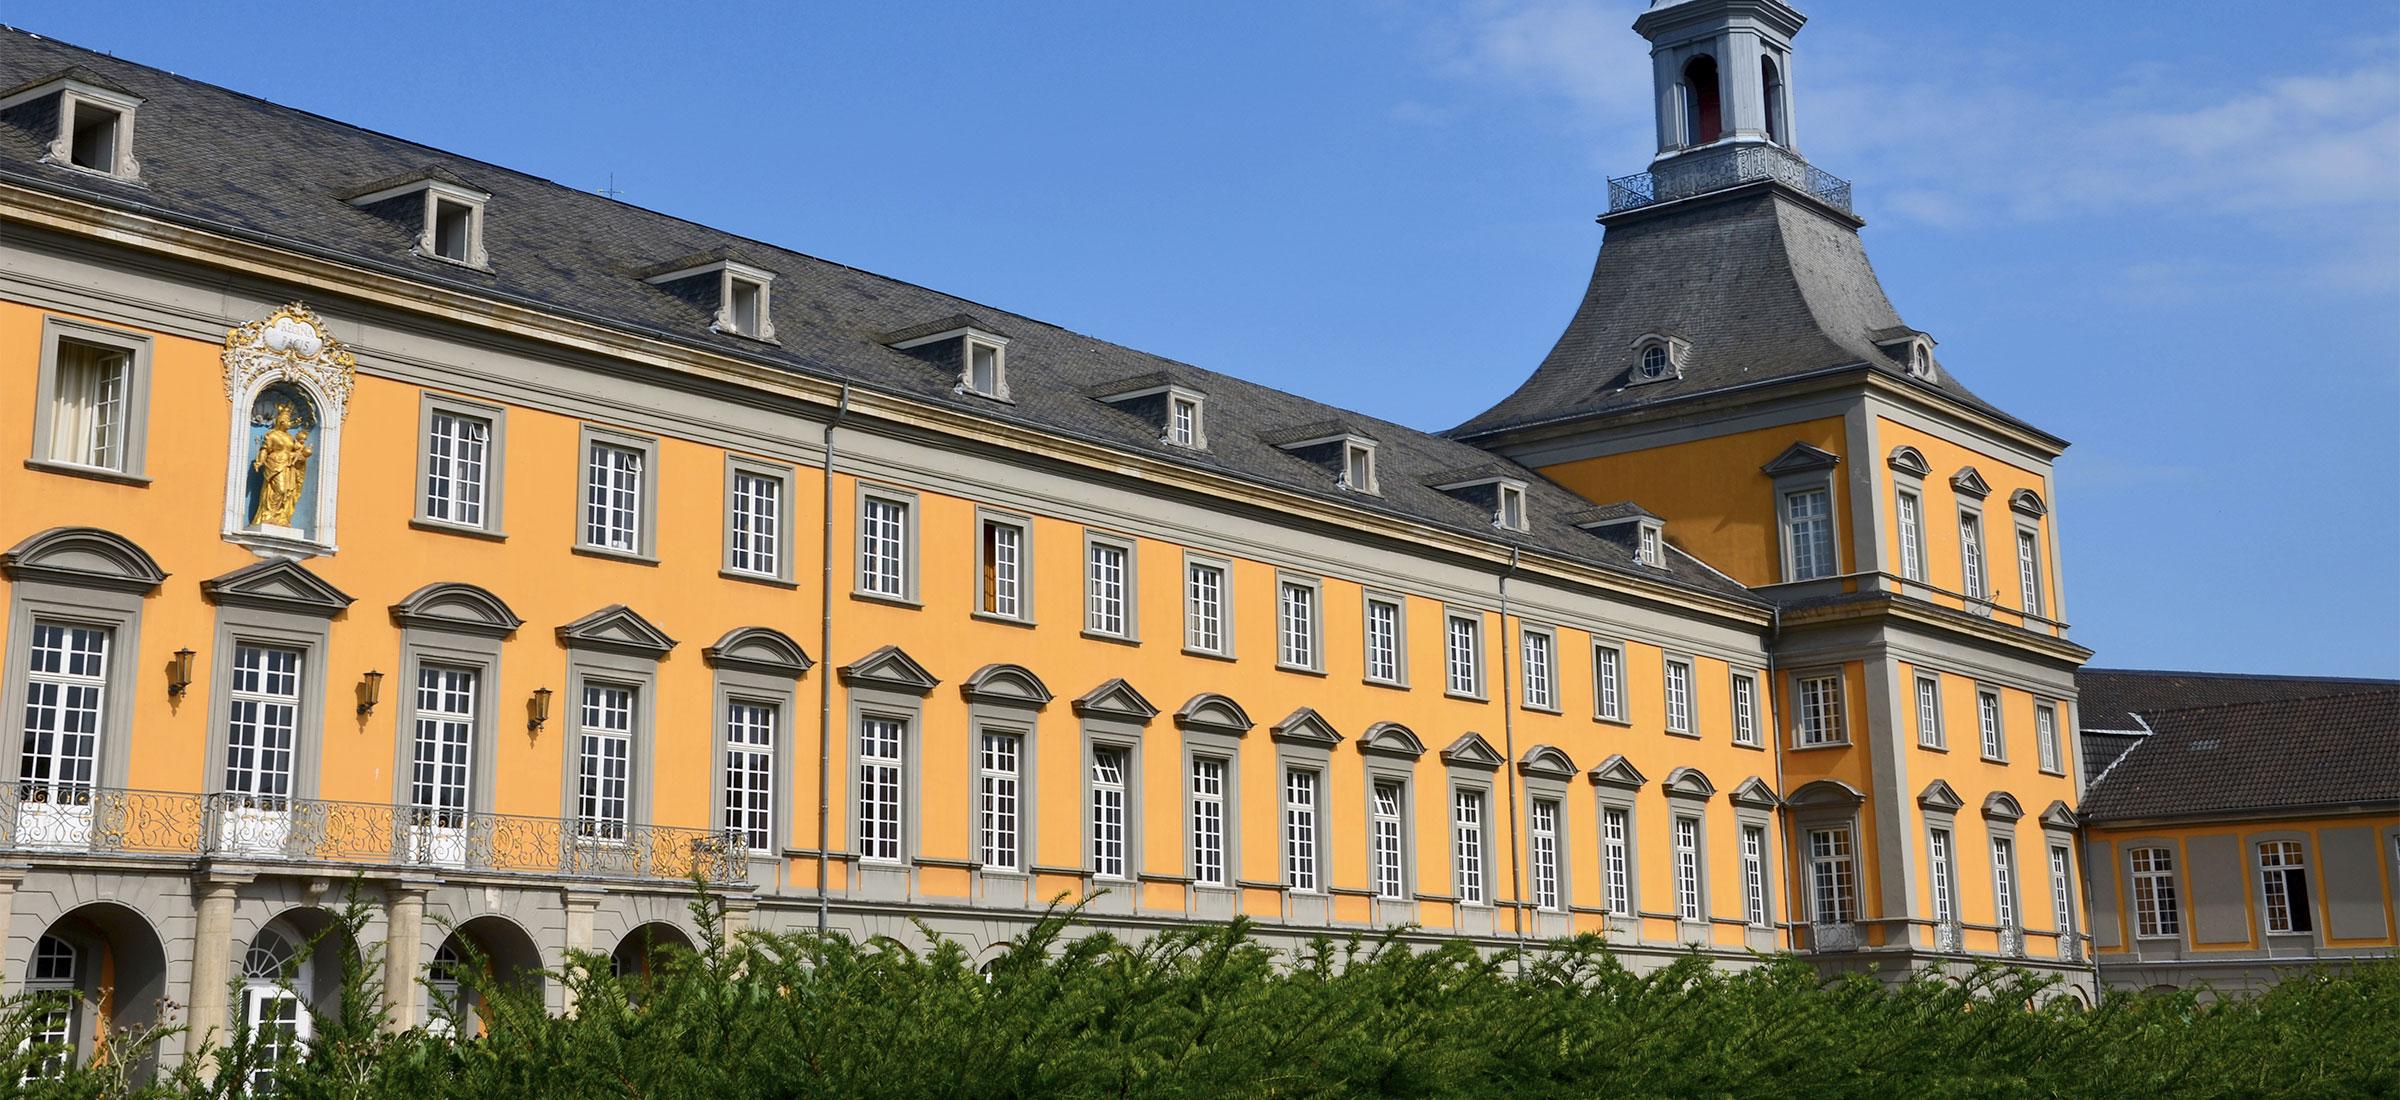 Fassaden, Uni Bonn, Wand